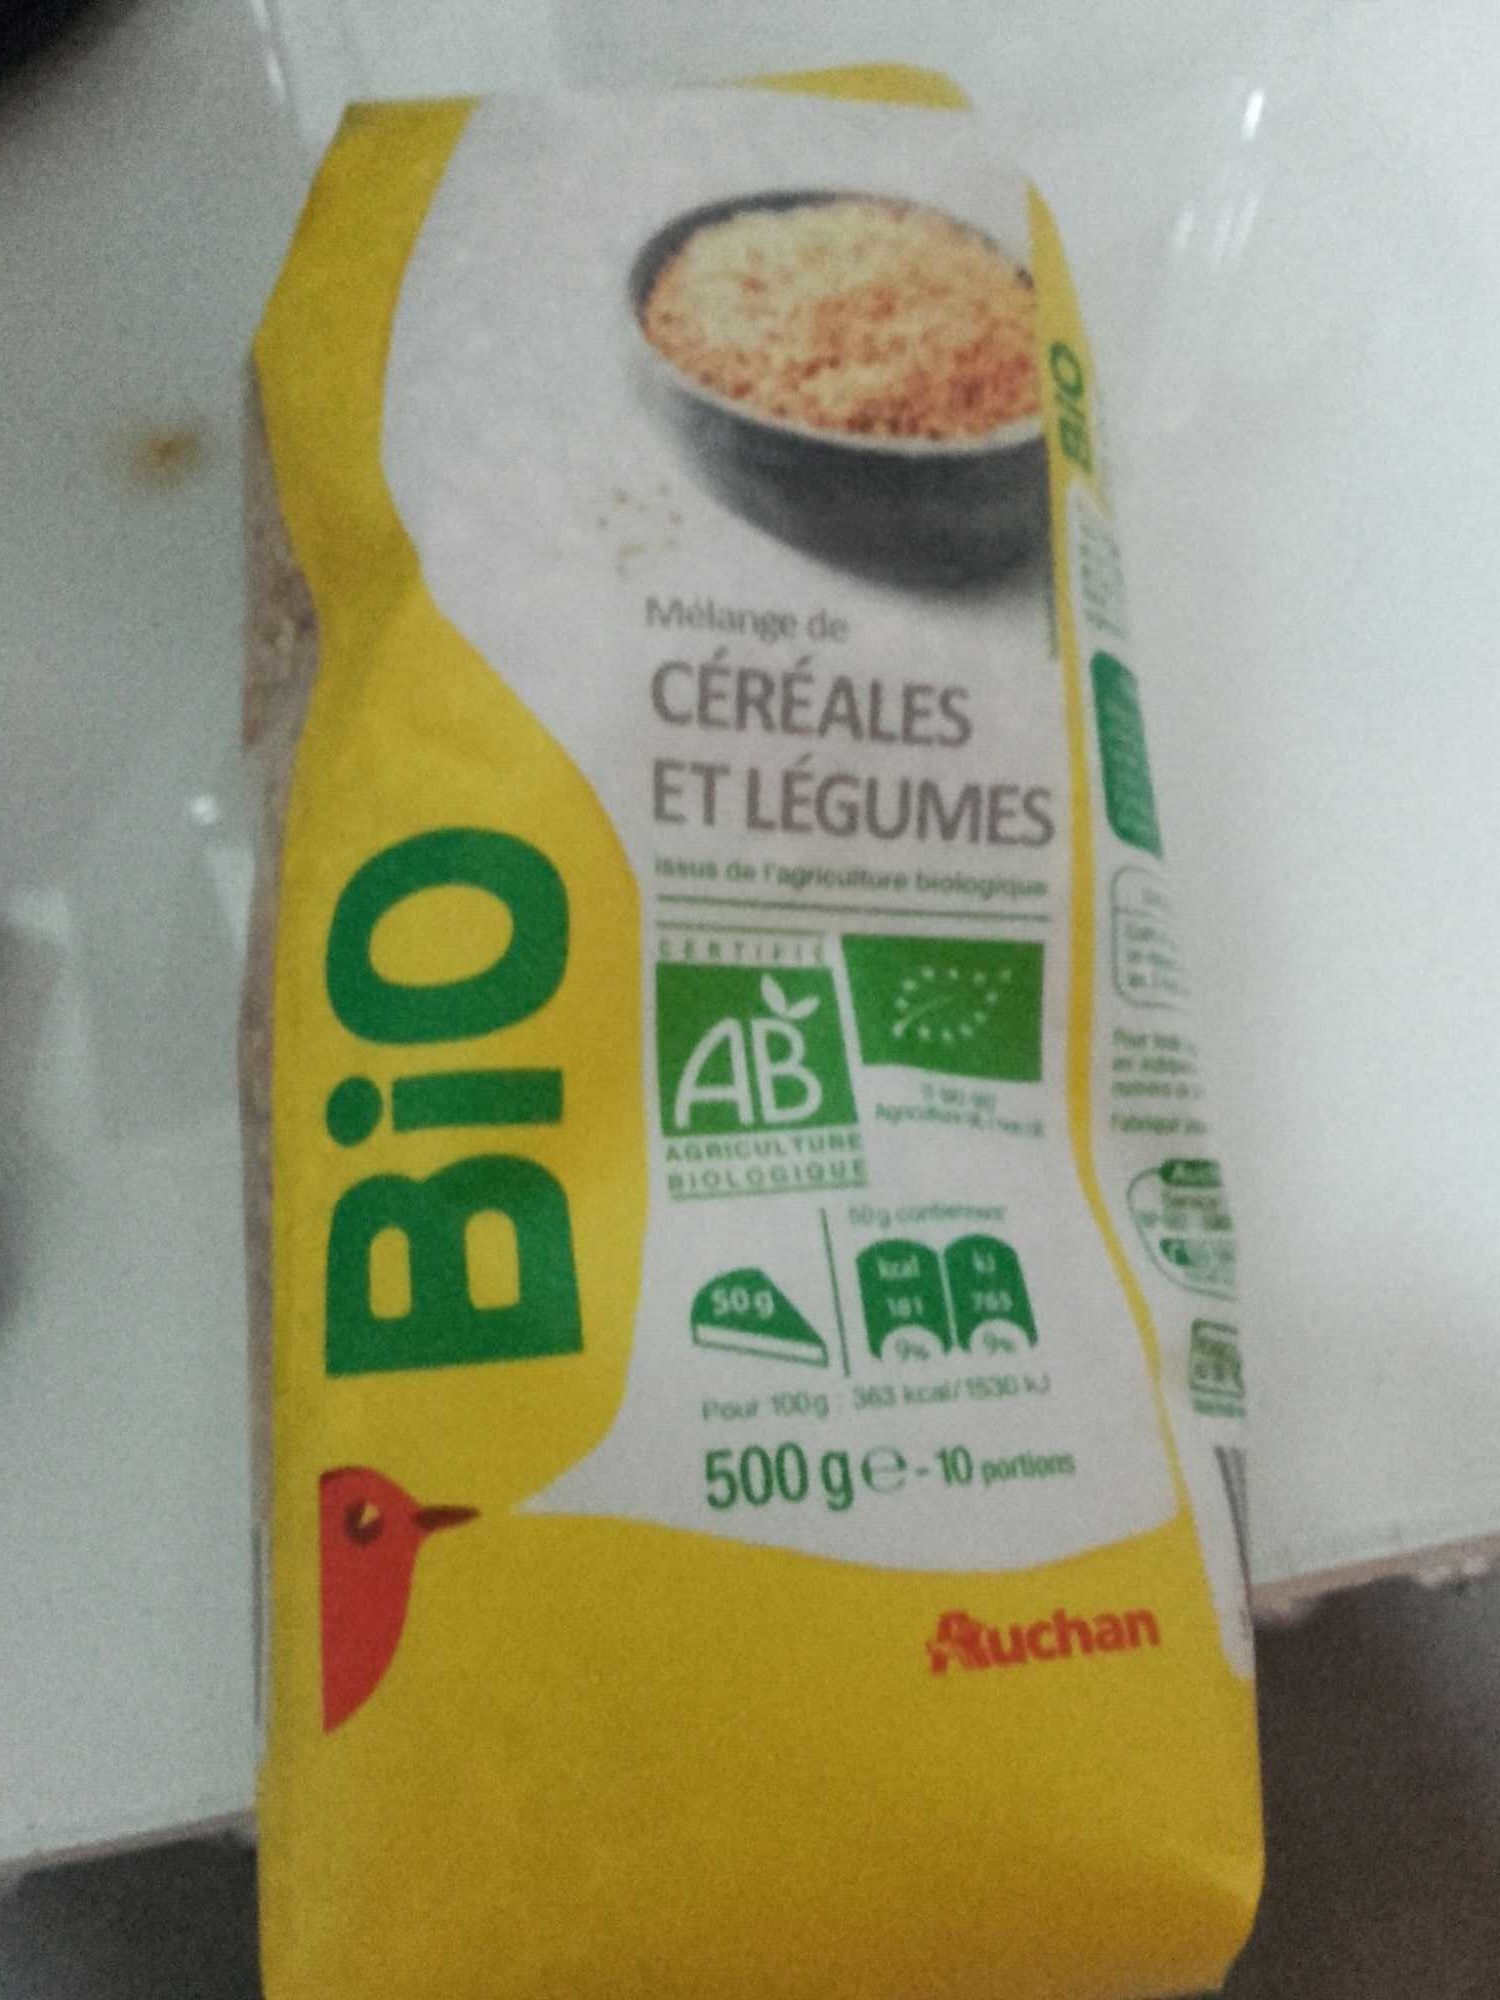 Mélange de céréales et légume - Product - fr